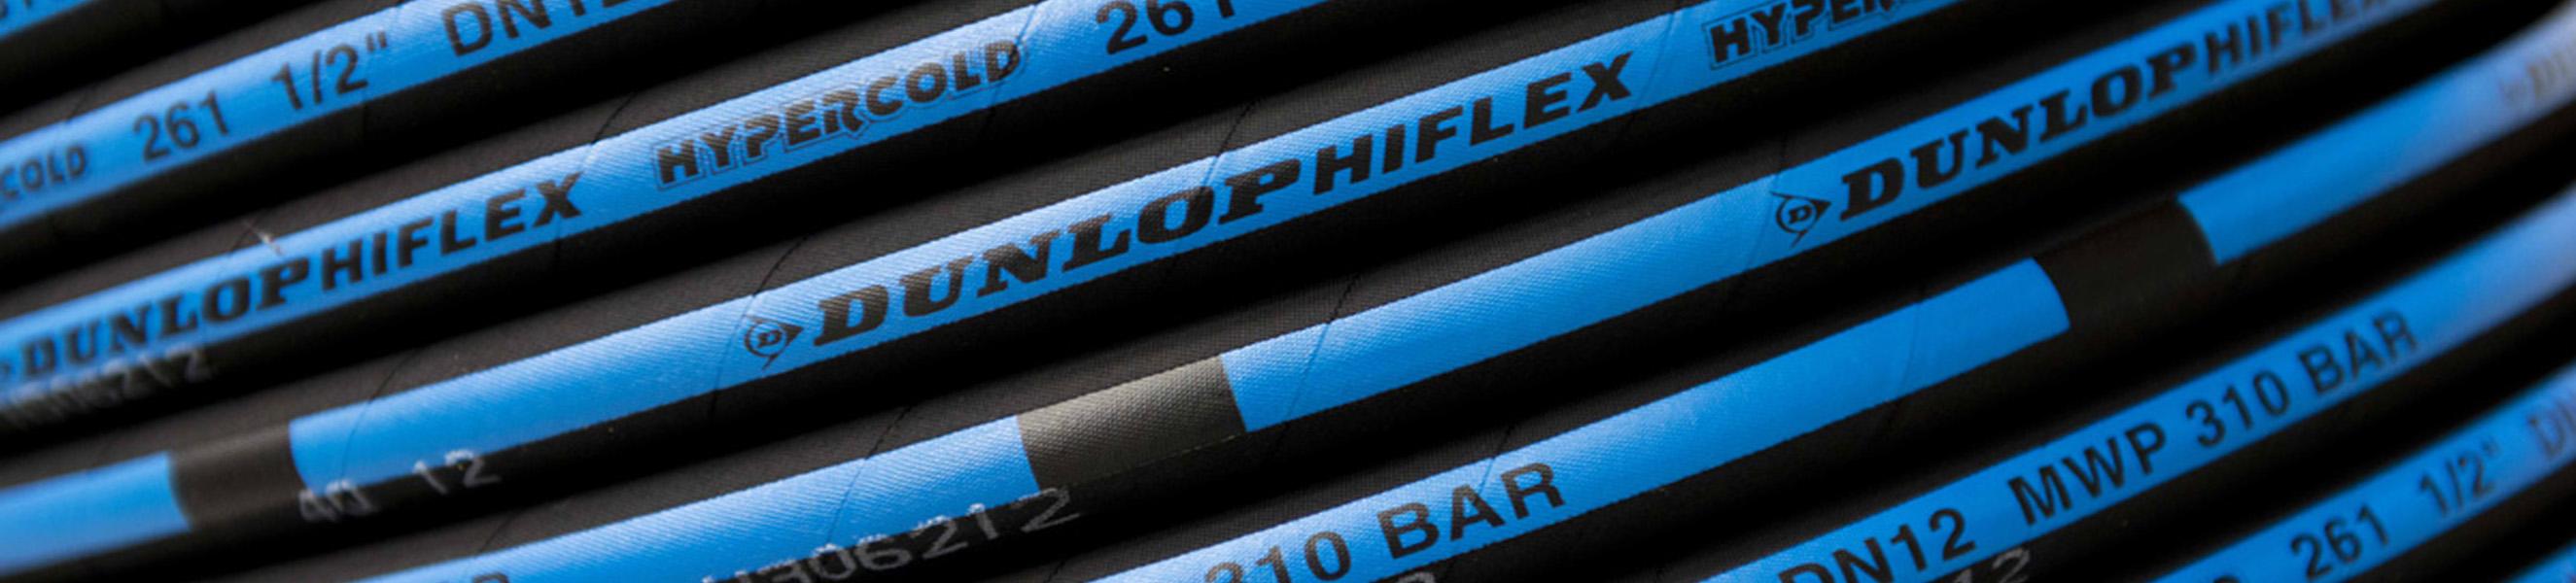 Hydraulikslang, kopplingar, adaptors och hydrauliska ledningskomponenter